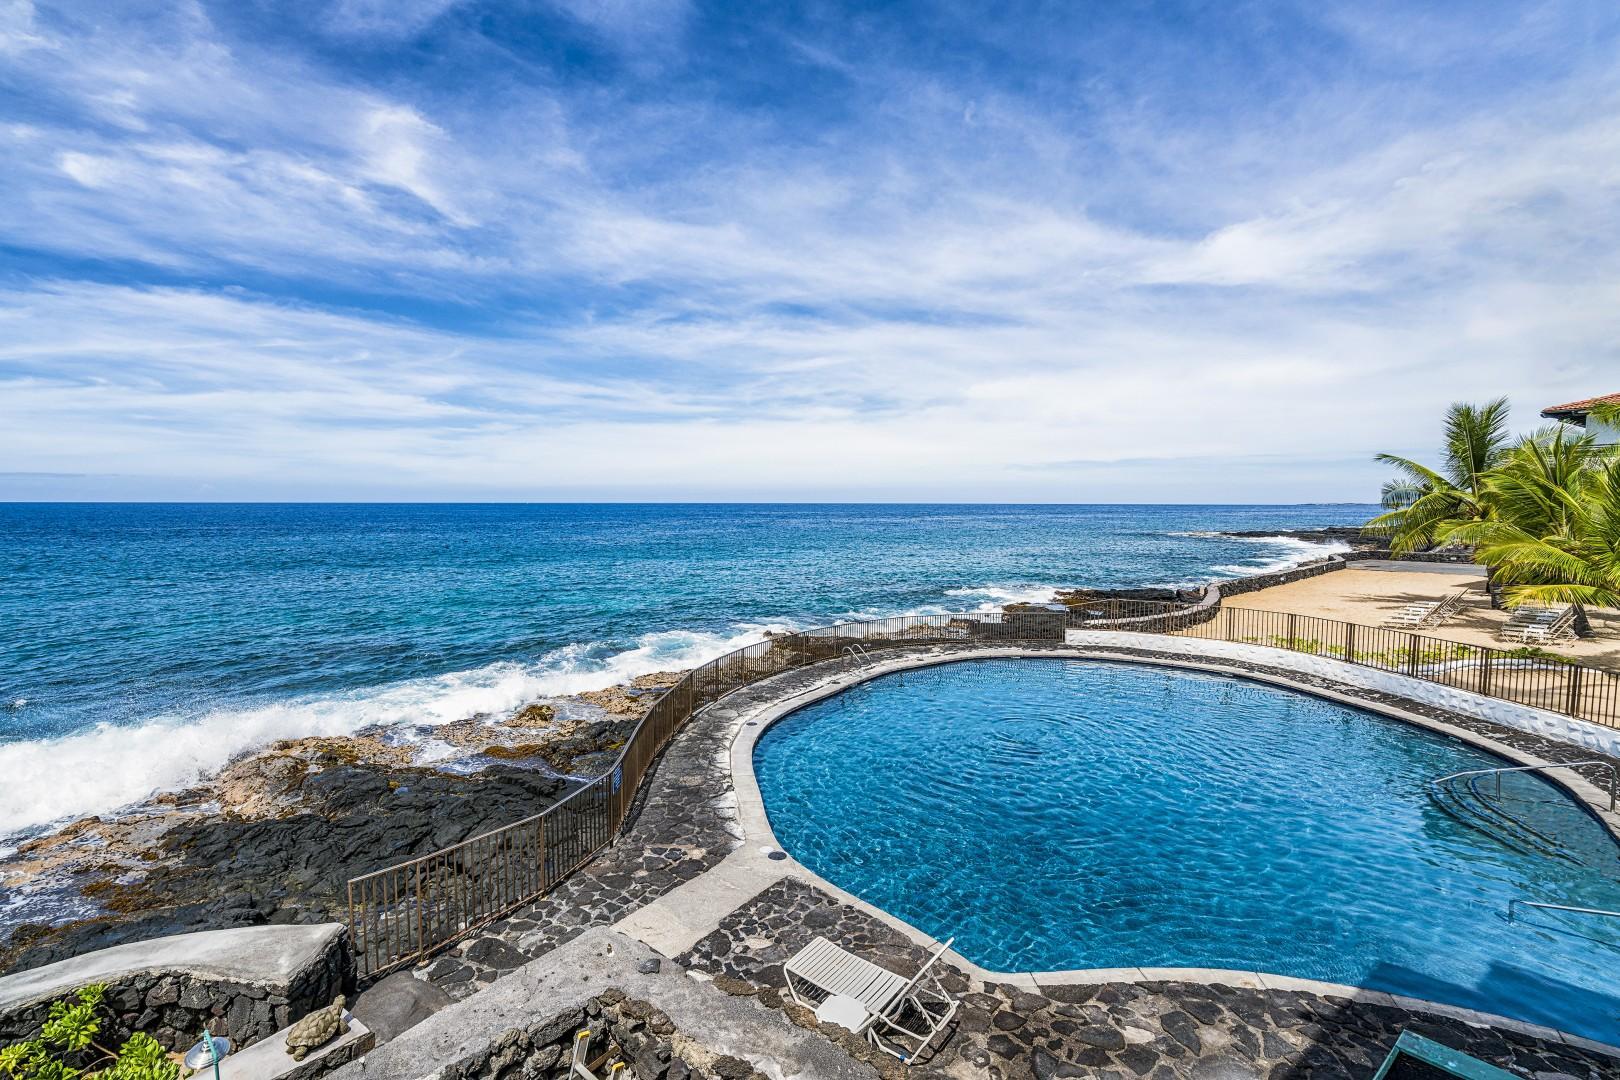 Ocean side salt water pool